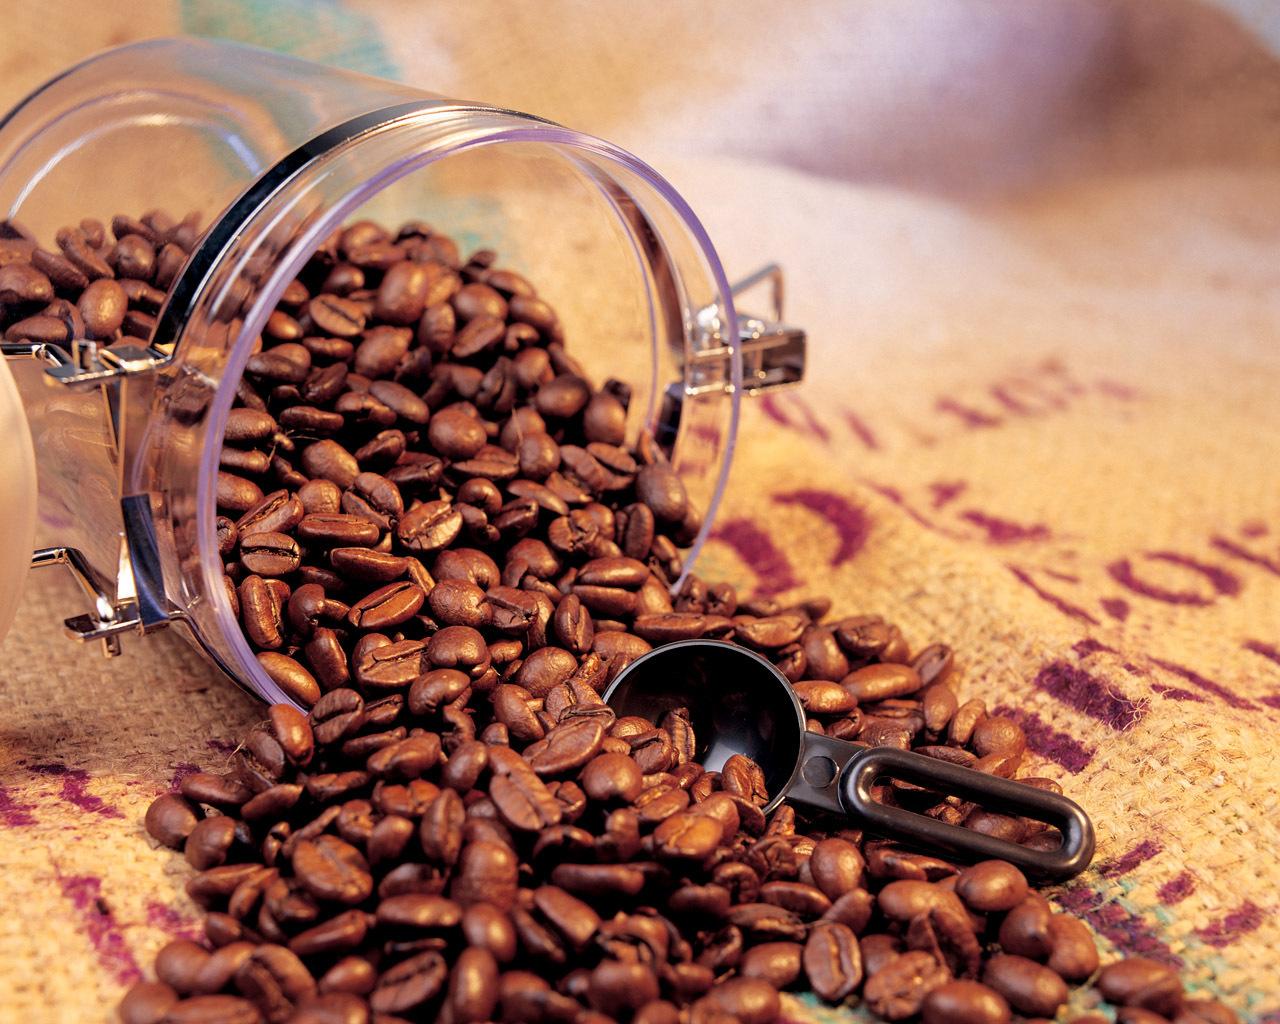 Tratament anticelulitic cu zaţ de cafea